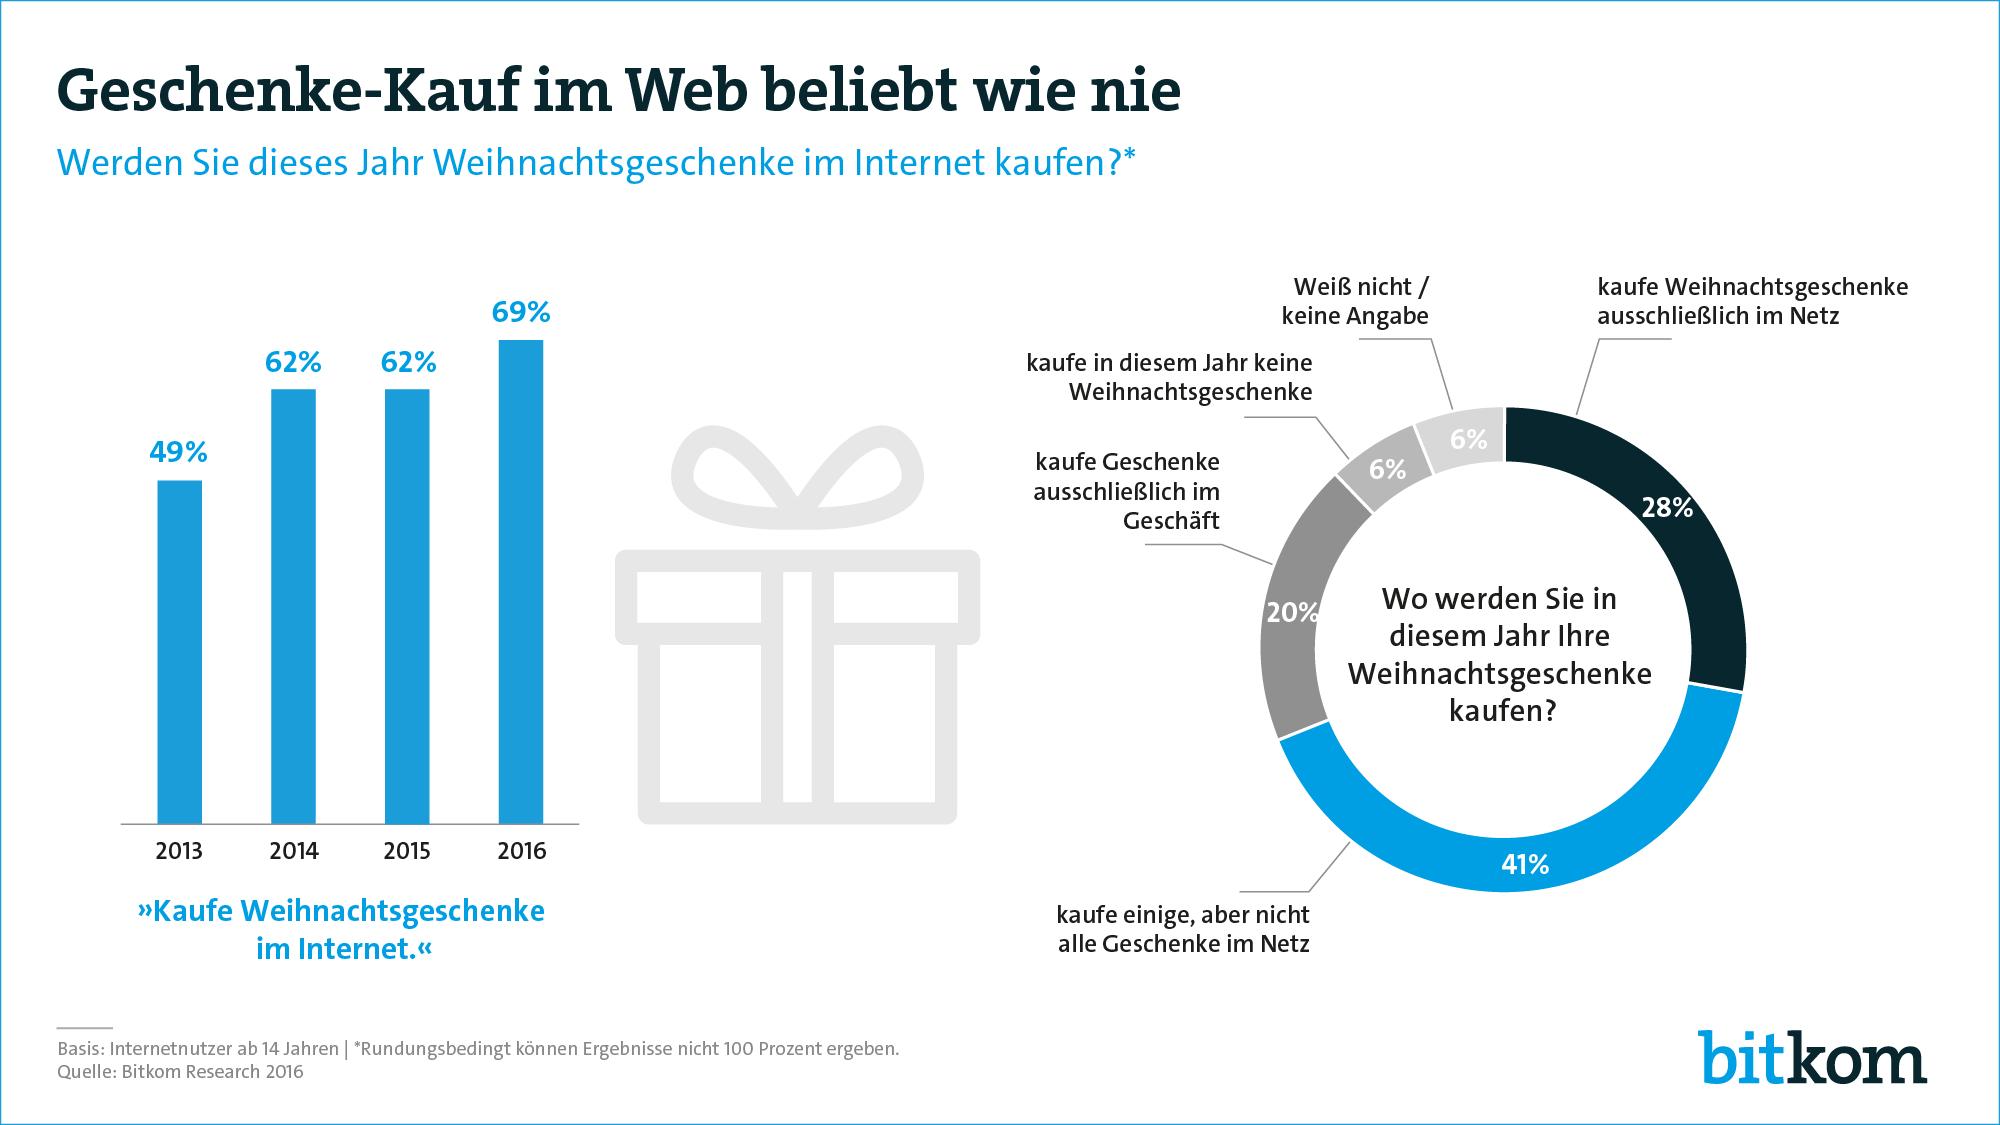 geschenke-kauf 2016 laut bitkom